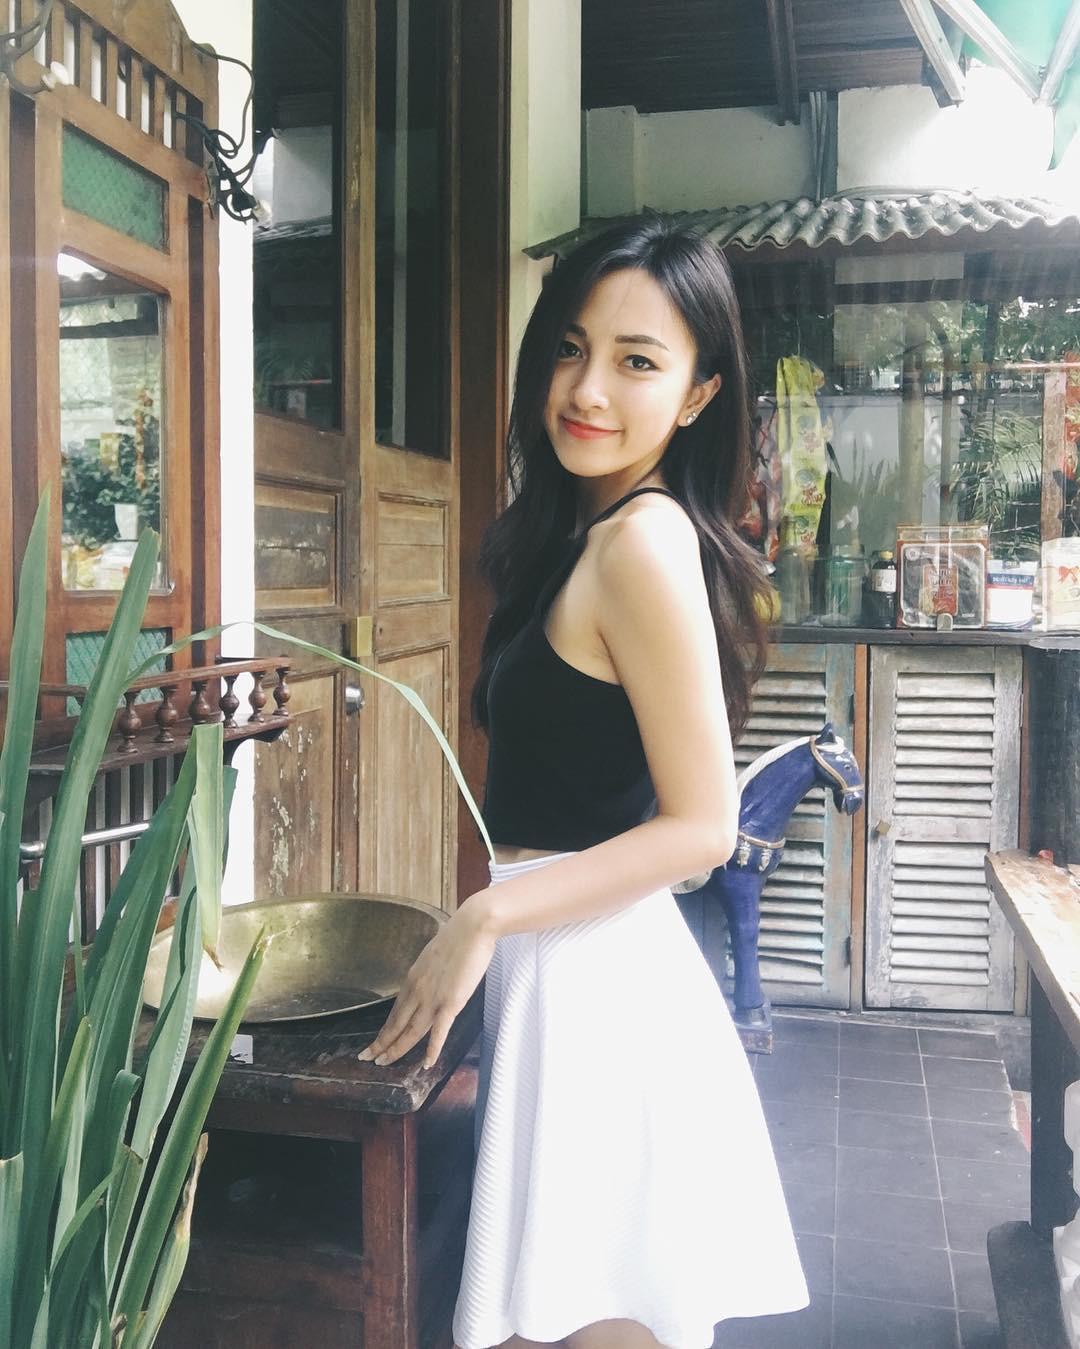 Jessie Lương - Cô nàng người Việt với vẻ đẹp nữ thần khiến ai cũng nhầm là con lai - Ảnh 4.